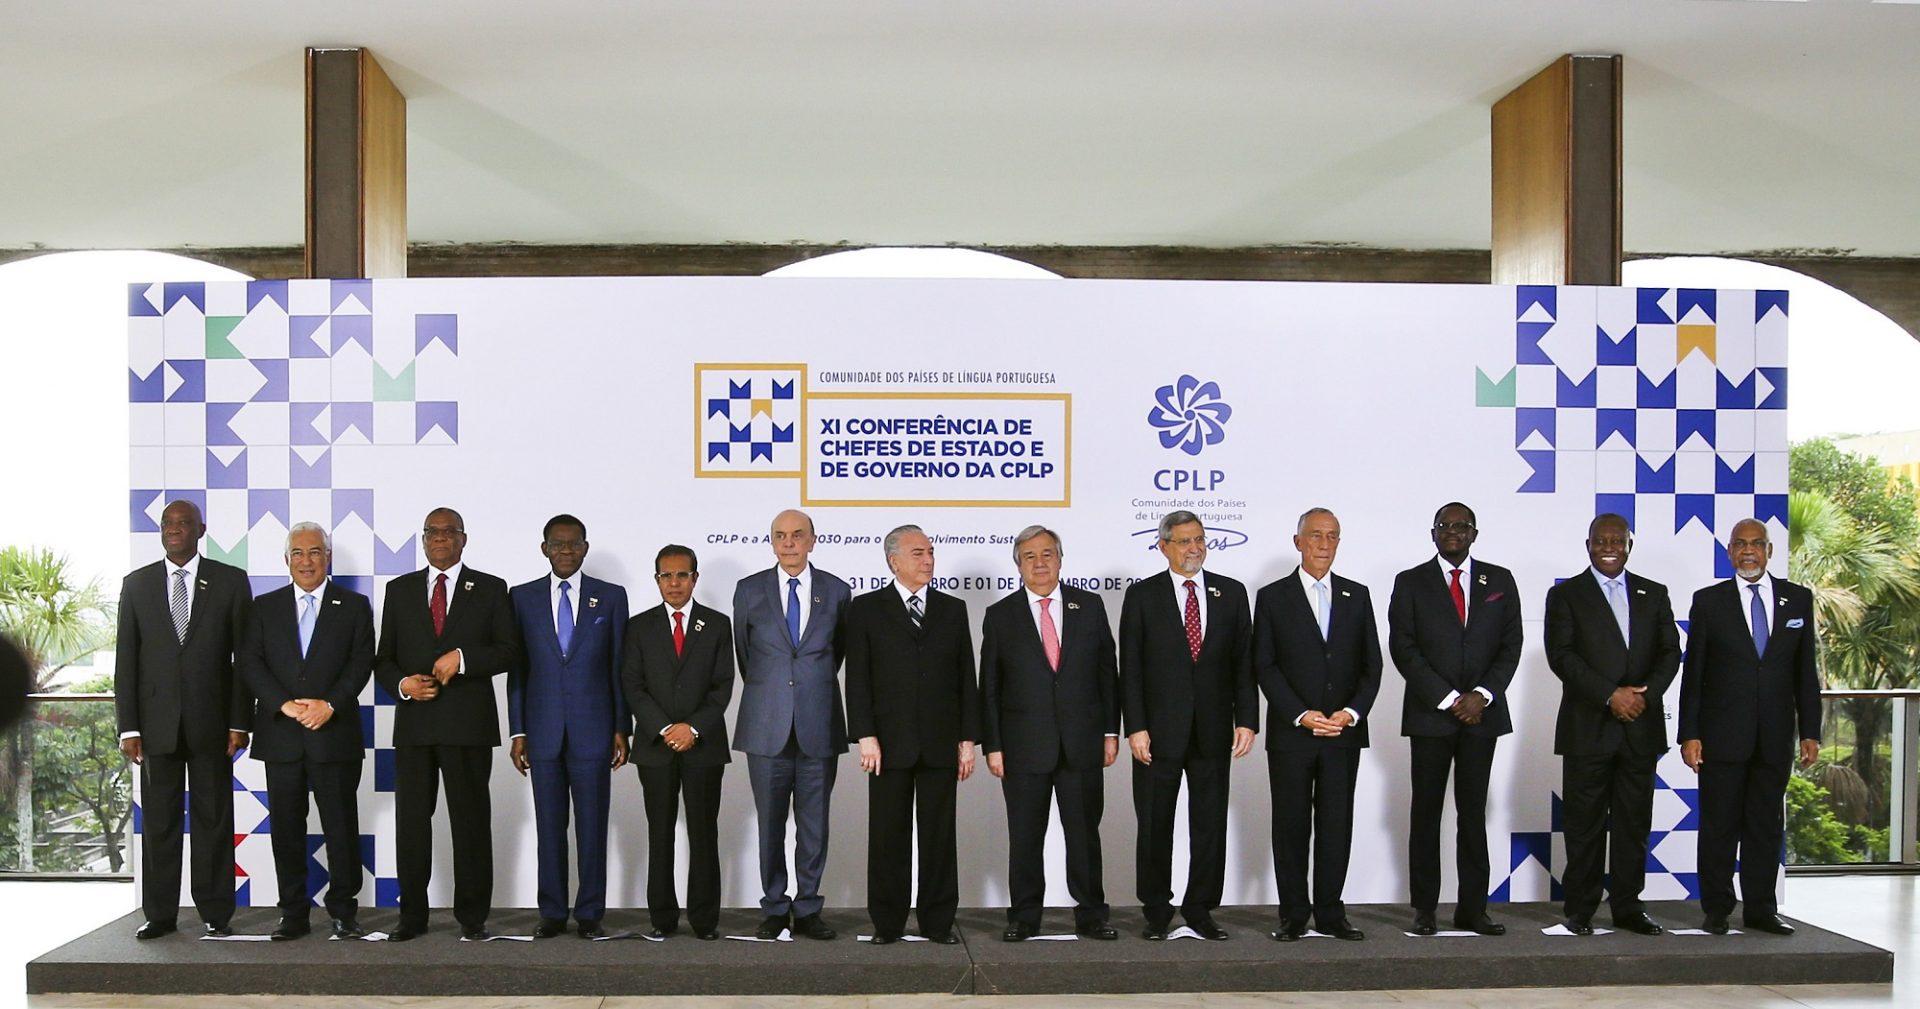 Foto de família dos Chefes de Estado e de Governo participantes dos trabalhos da XI Cimeira da CPLP em Brasília no Brasil, 31 outubro 2016.  ANDRÉ KOSTERS / LUSA